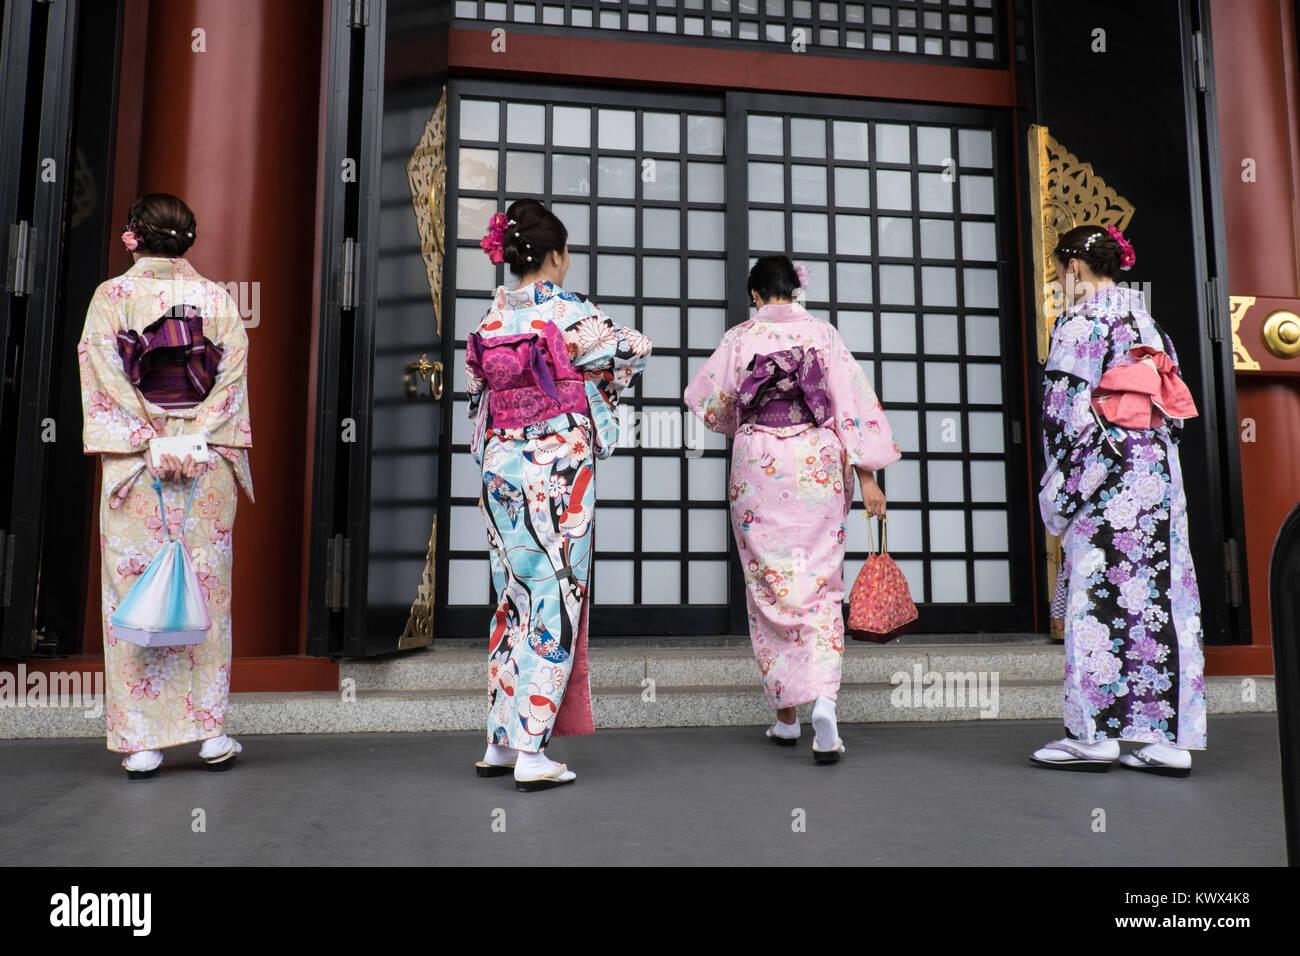 Giappone Tokyo, isola di Honshu: turisti indossando il tradizionale giapponese vestiti, qui di fronte a una porta Immagini Stock